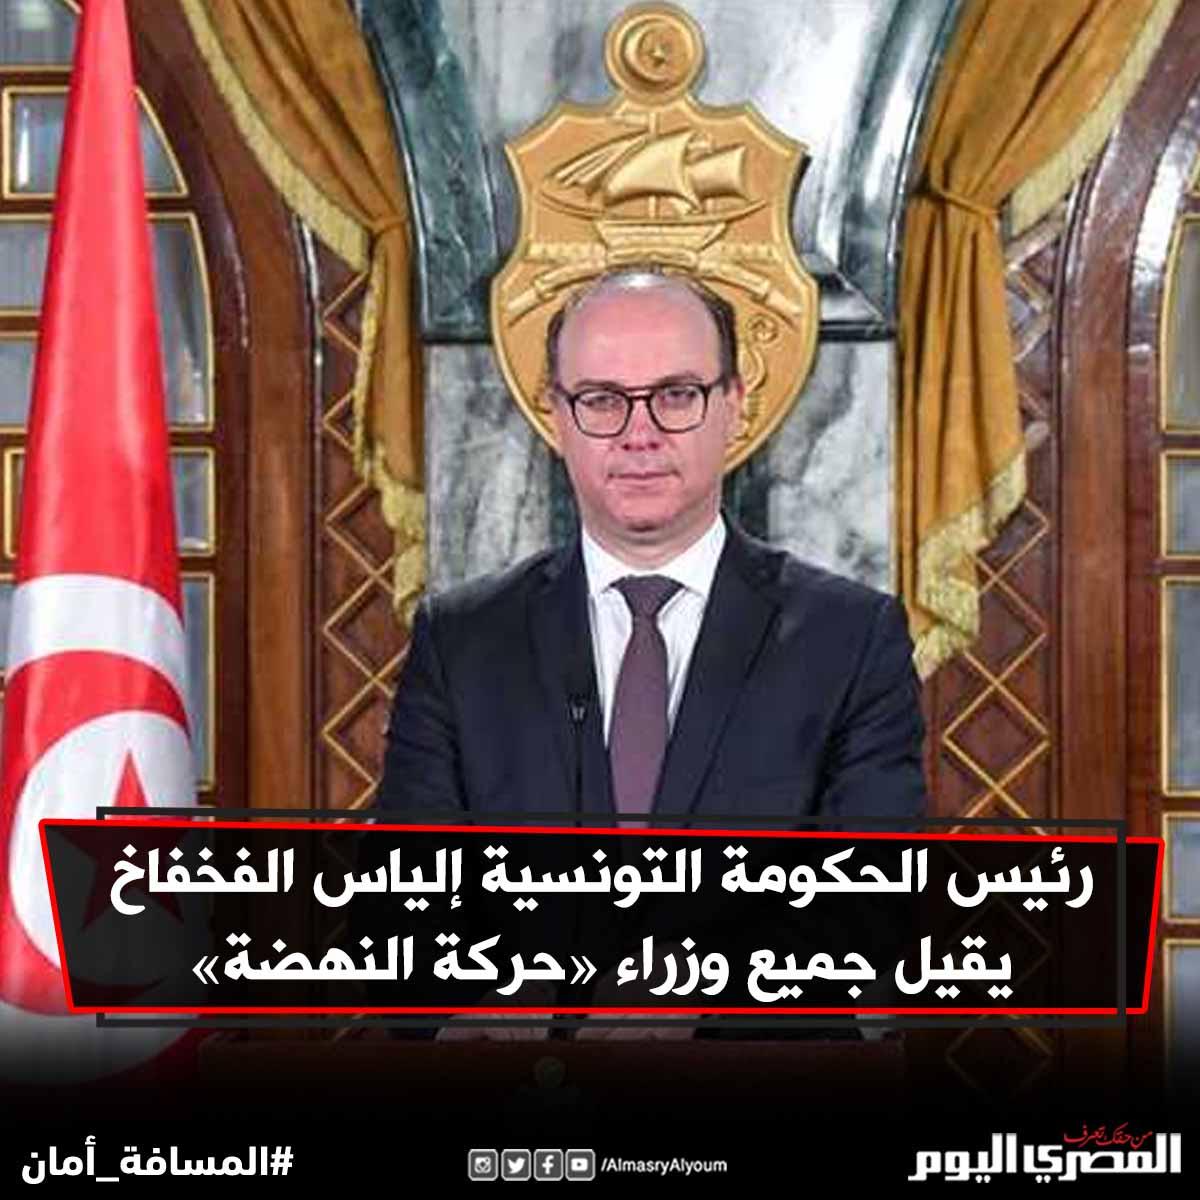 «إقالة جميع وزراء «حركة النهضة» وعدم دعوتهم للإجتماع الوزاري المنعقد حاليا..»